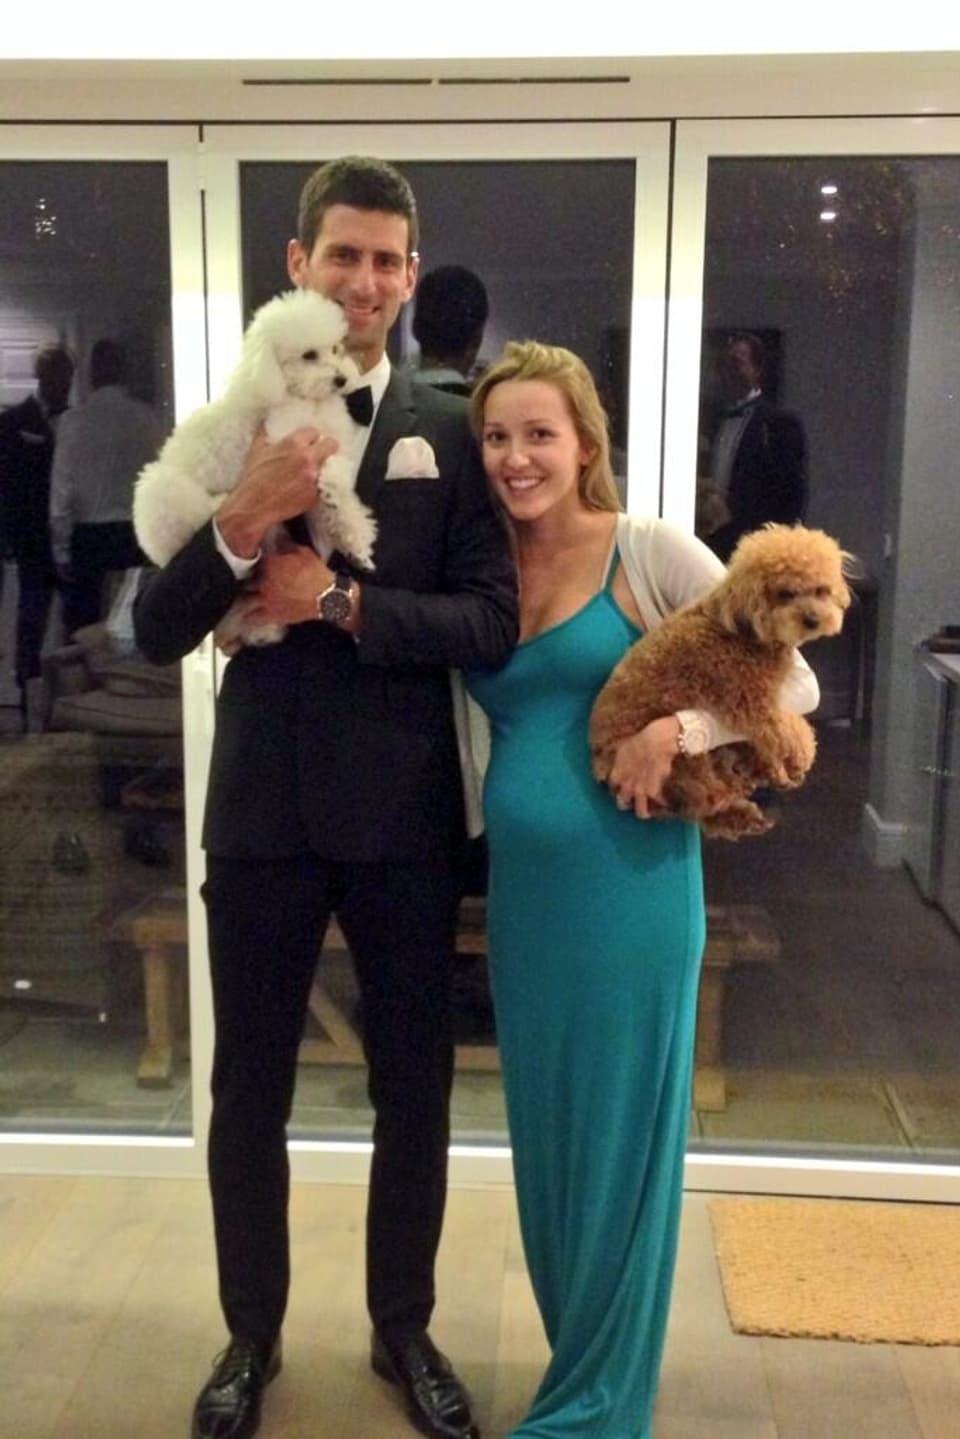 Novak Djokovic und Jelena Ristic lächelnd und Pudeln auf dem Arm.